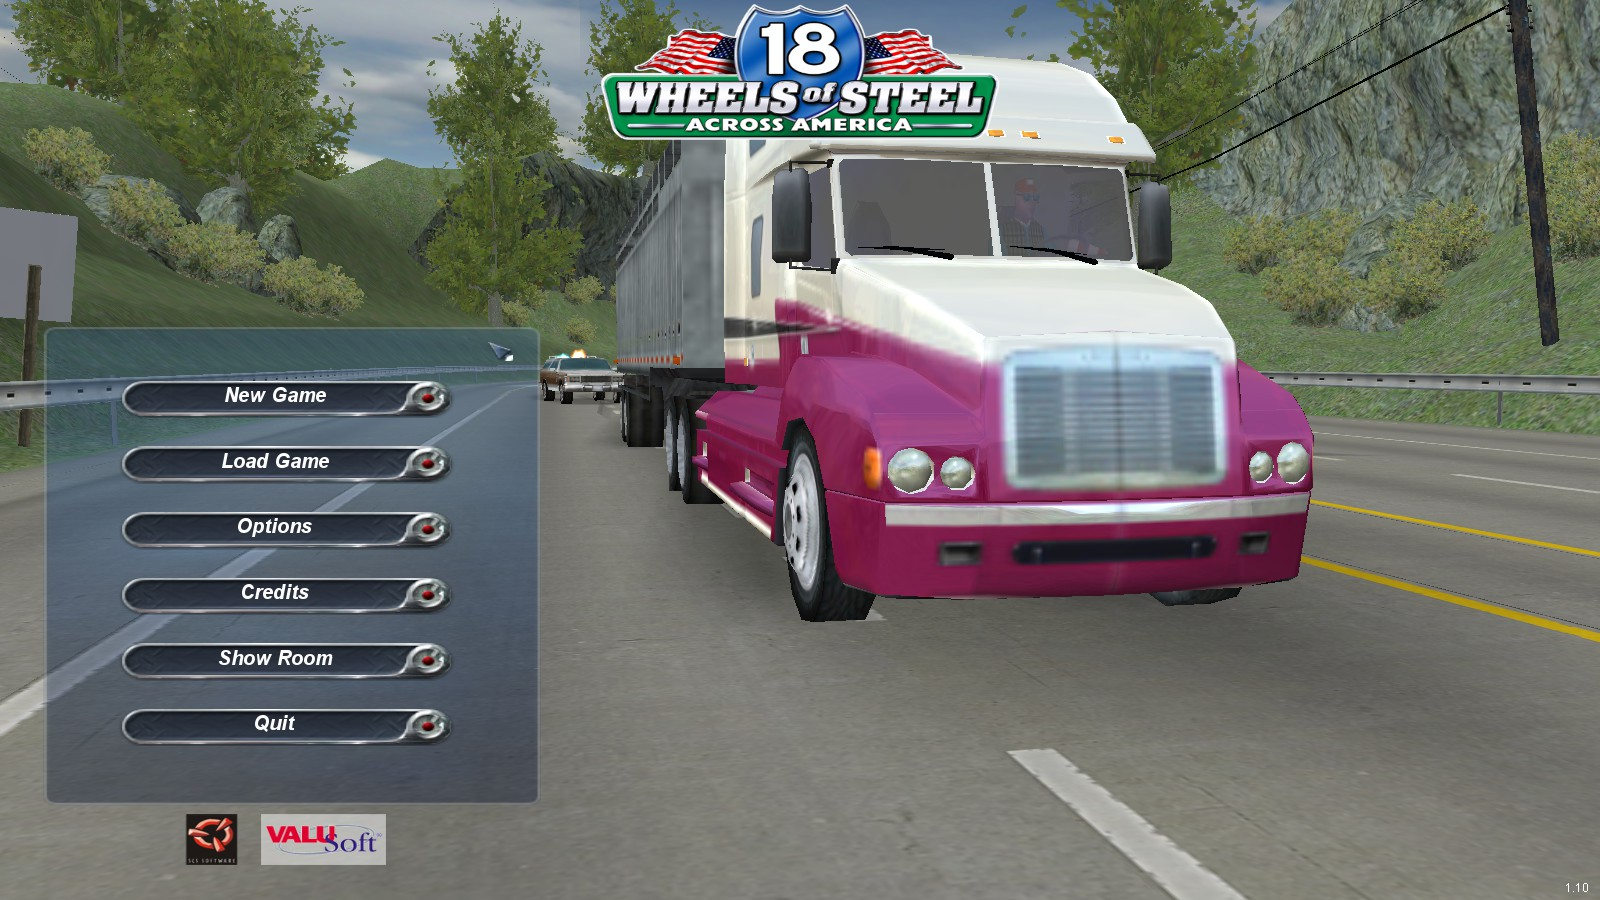 18 wheels of steel across america download torrent pc